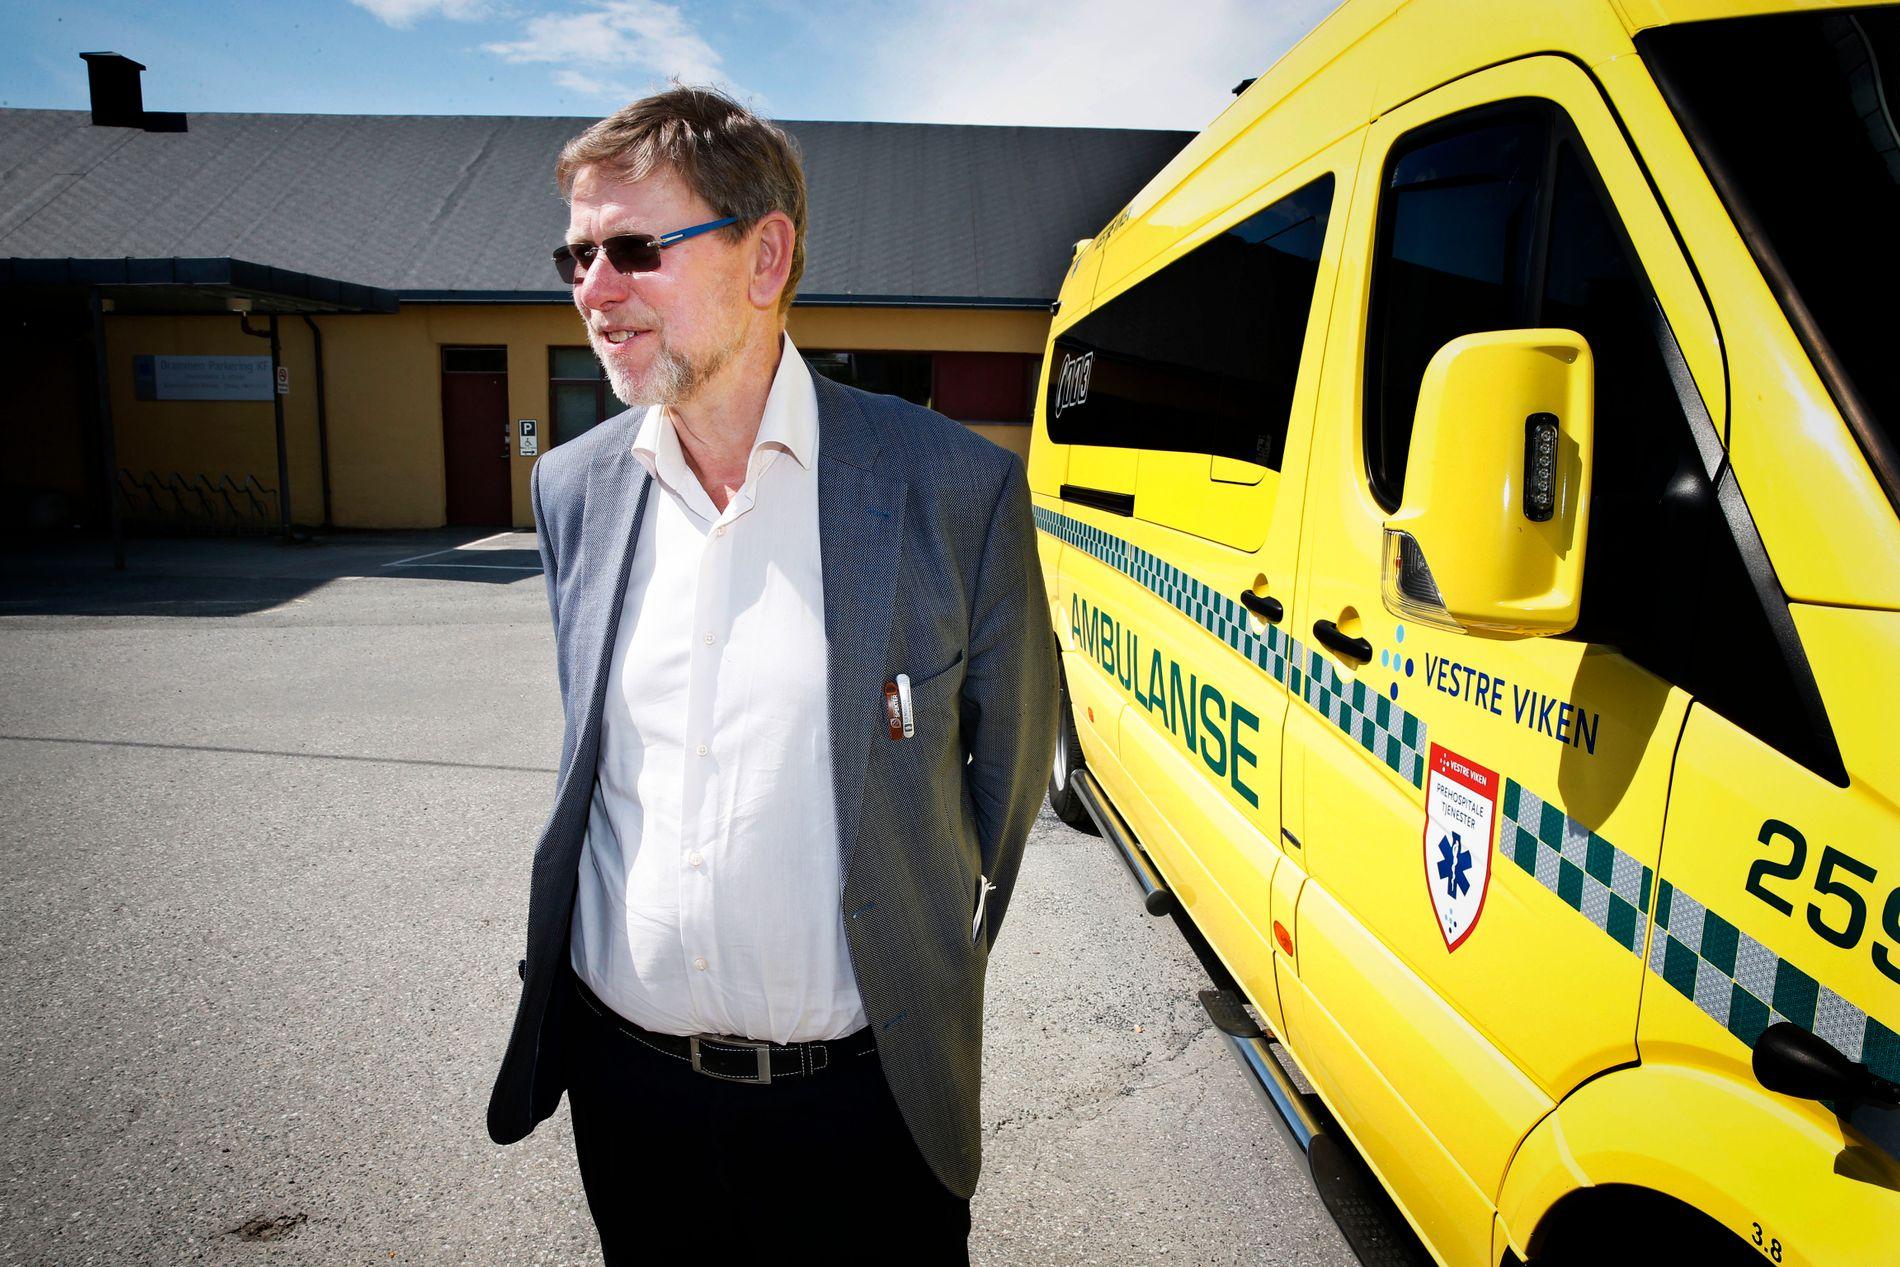 KRITISK: Administrerende direktør i helseforetaket Vestre Viken, Nils Fredrik Wisløff (64).